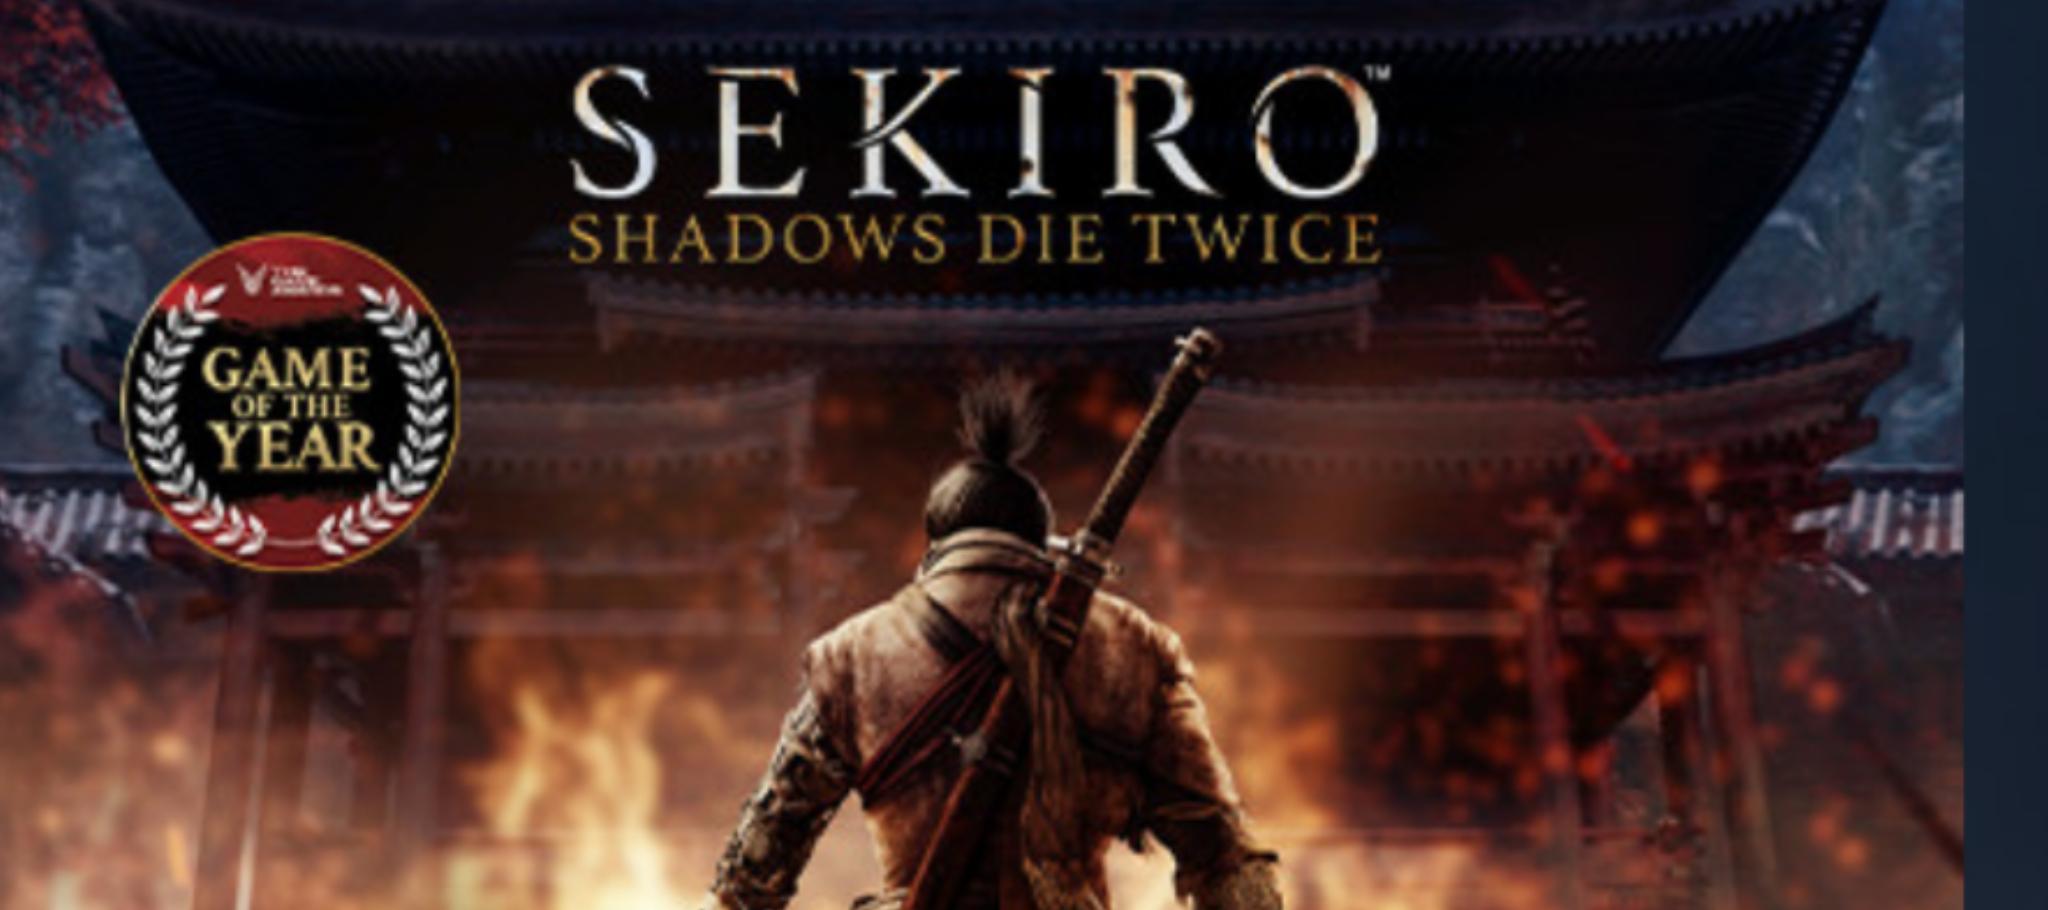 Jeu Sekiro: Shadows Die Twice sur PC - GOTY Edition (Dématérialisée - Steam)